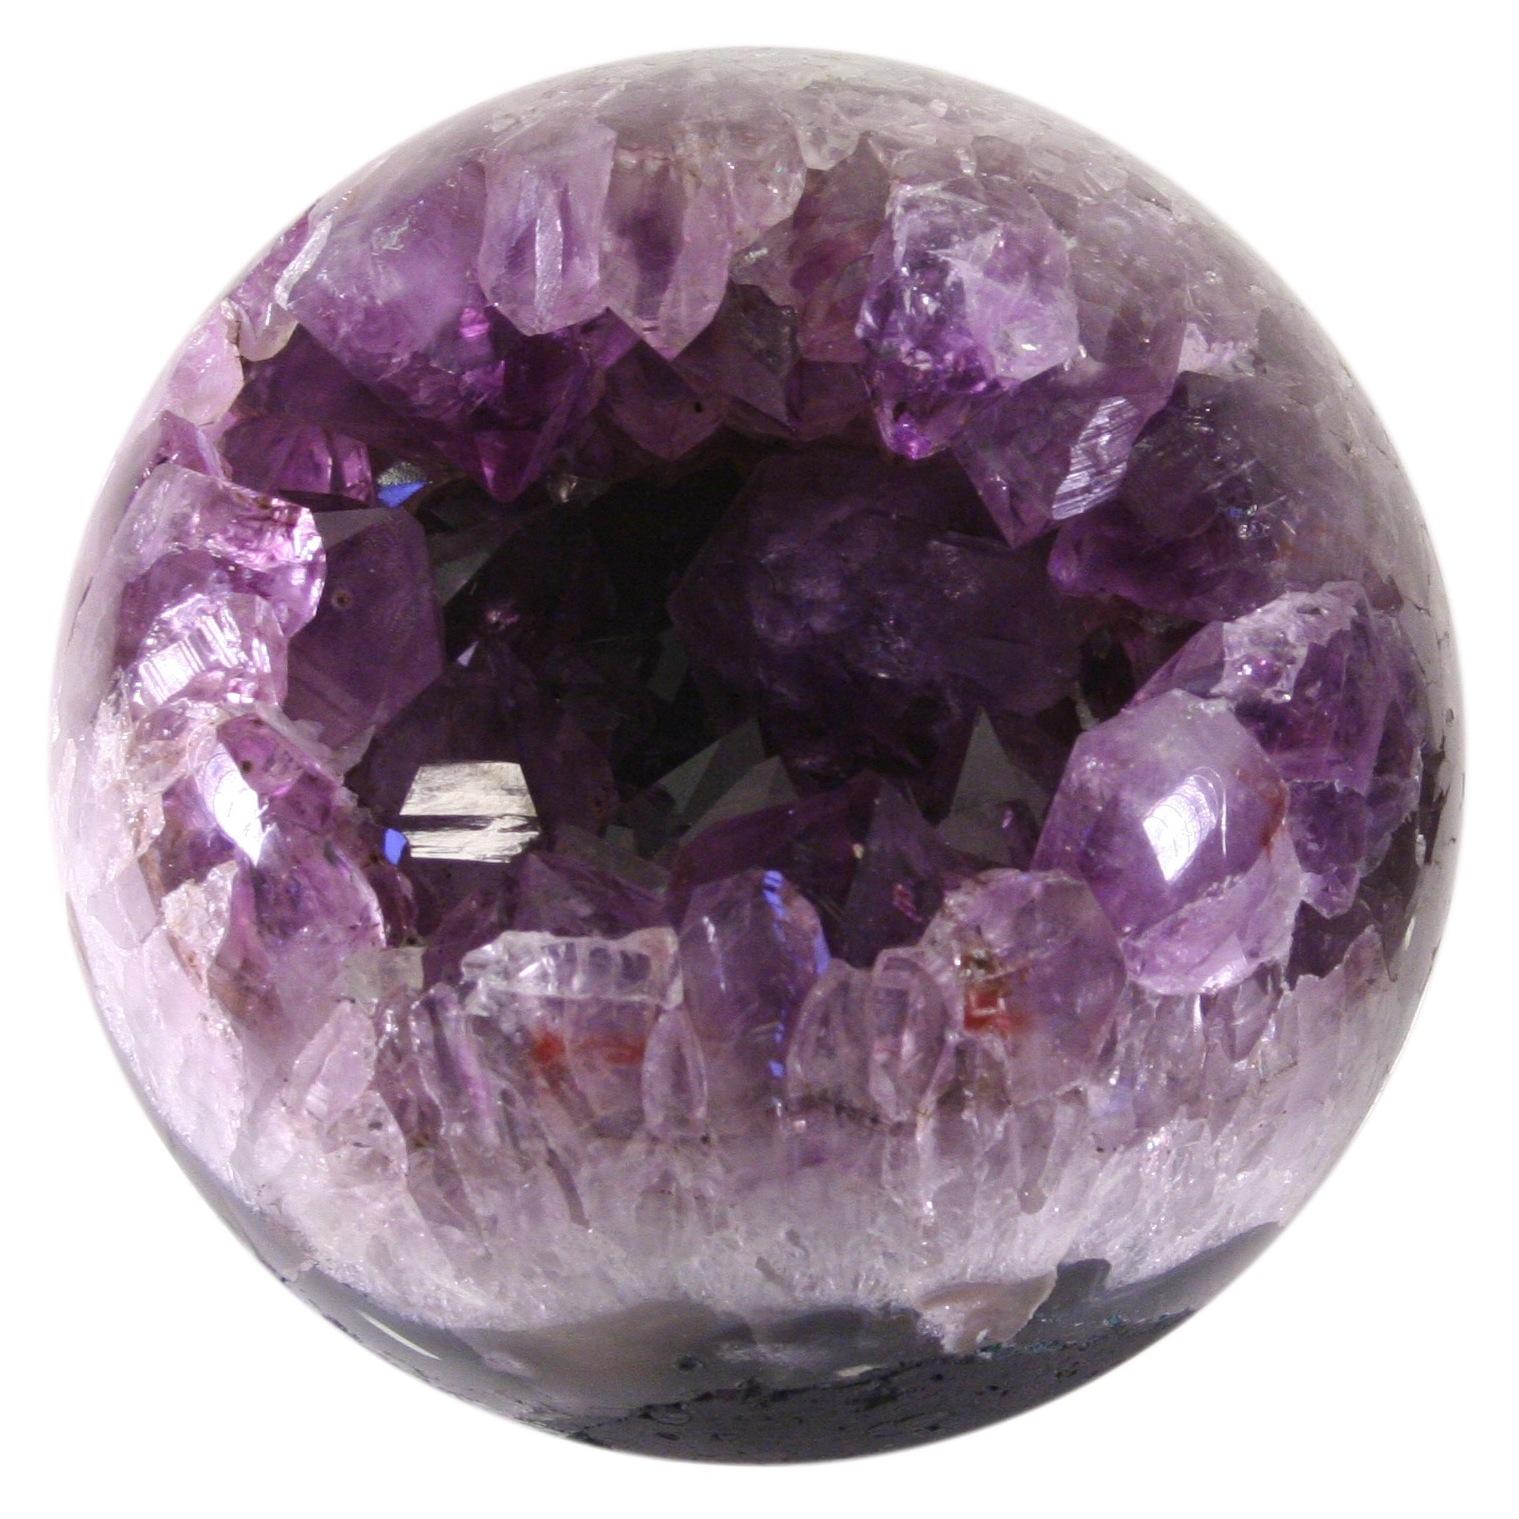 Crystals, Semi Precious Stones & Minerals